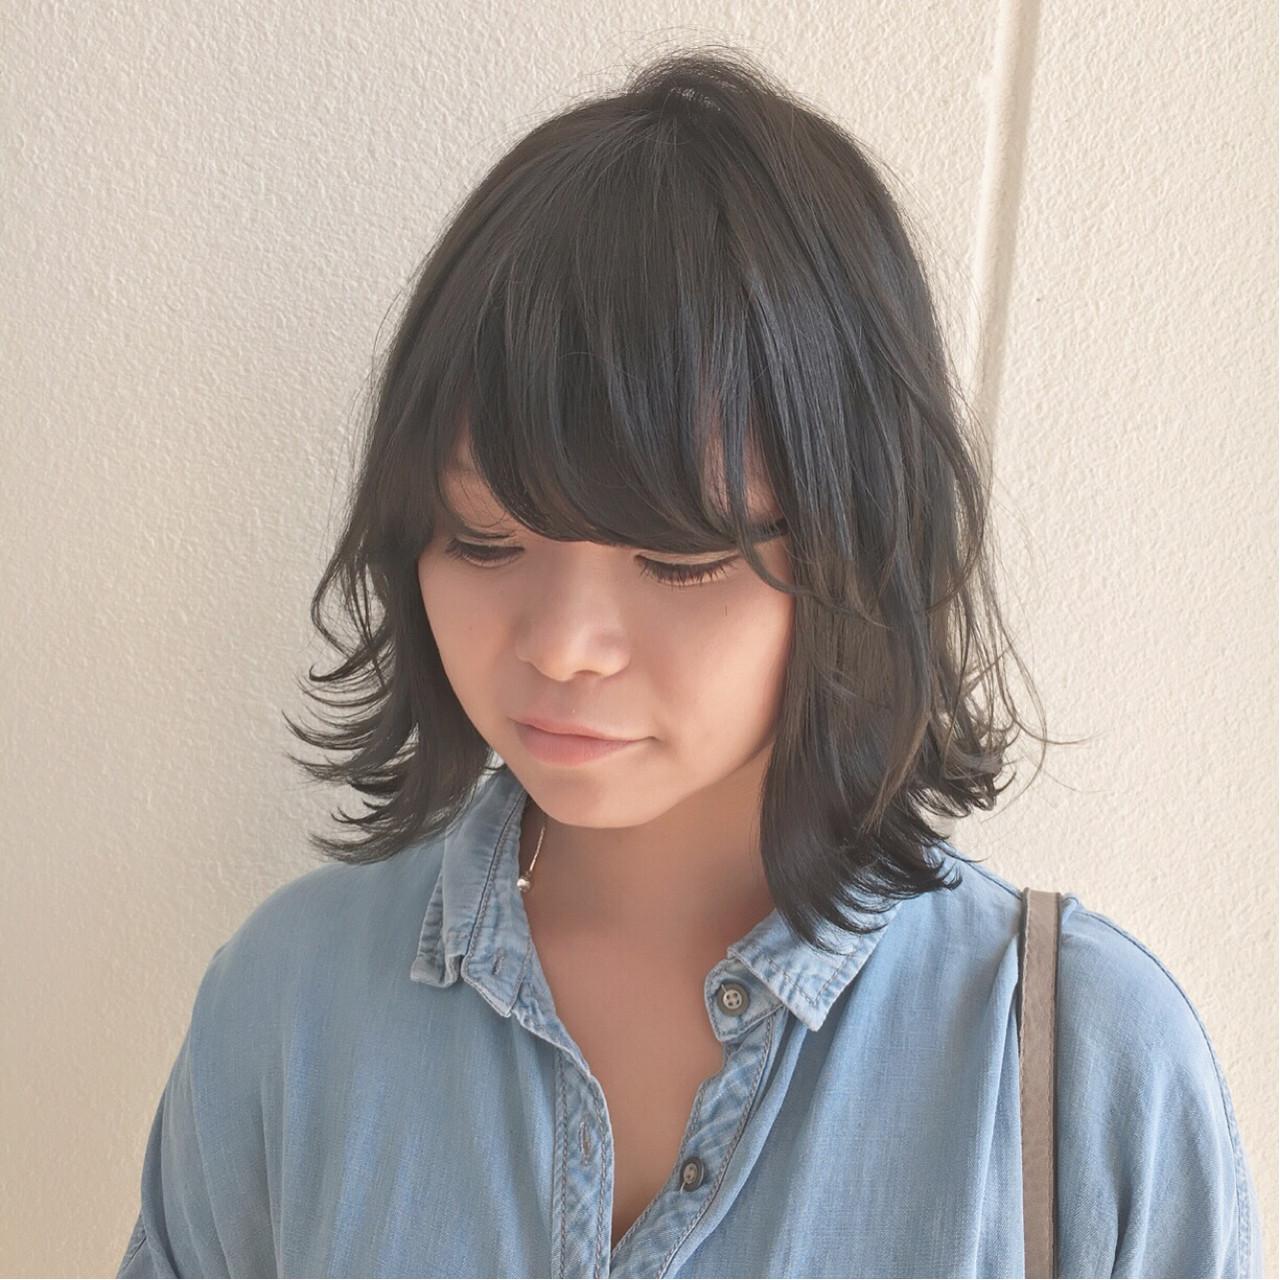 グレー 外ハネ ストリート ボブ ヘアスタイルや髪型の写真・画像 | Yuuta Asato / Moana by HEADLIGHT 沖縄東崎店